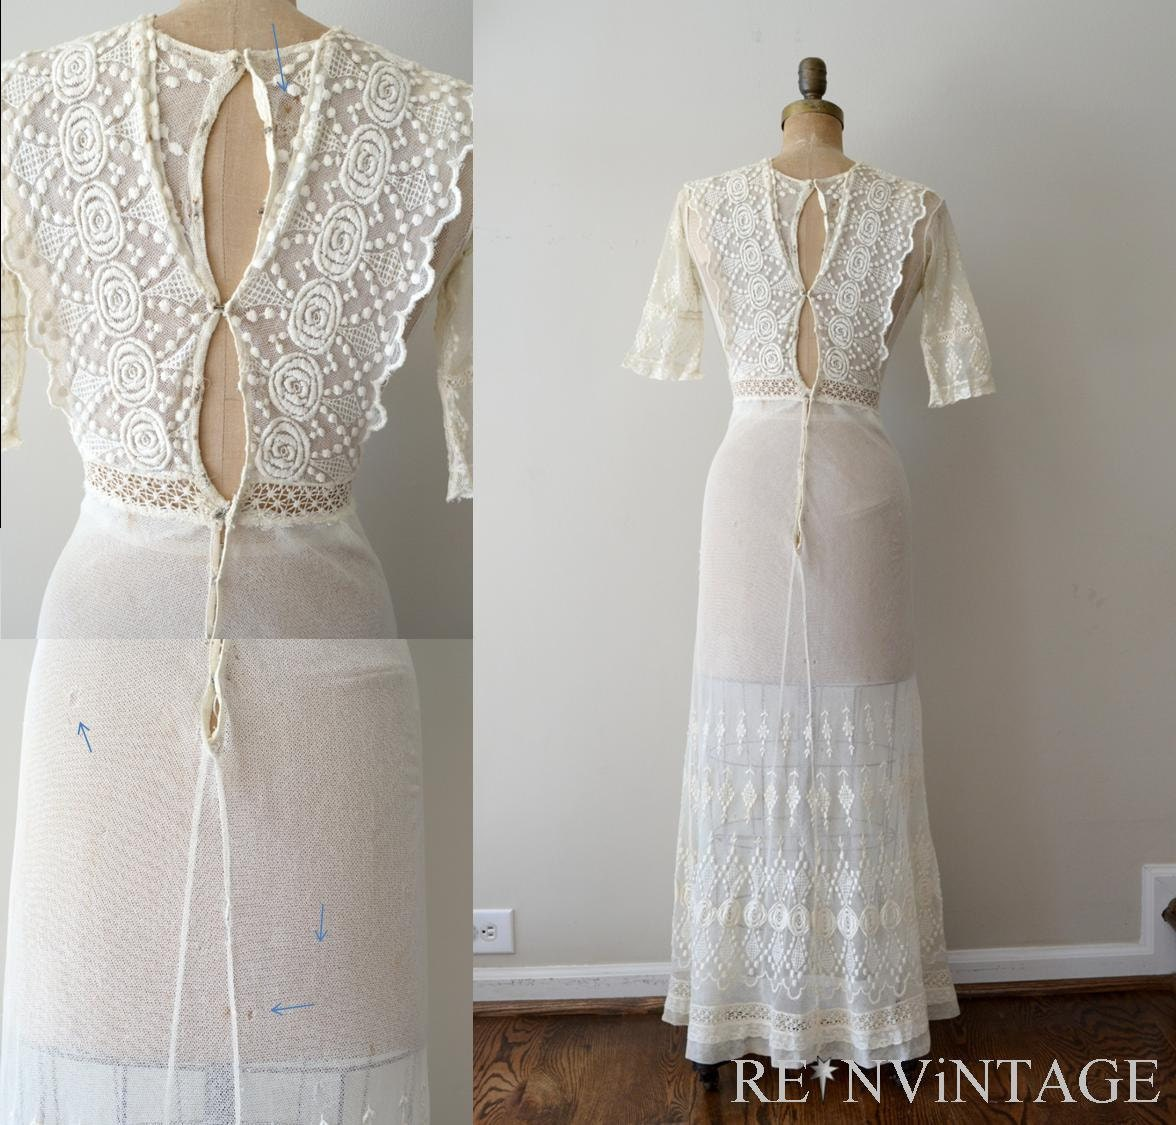 Vintage Victorian Wedding Dresses: Vintage 1910s Dress Edwardian Wedding Dress / Antique Ivory